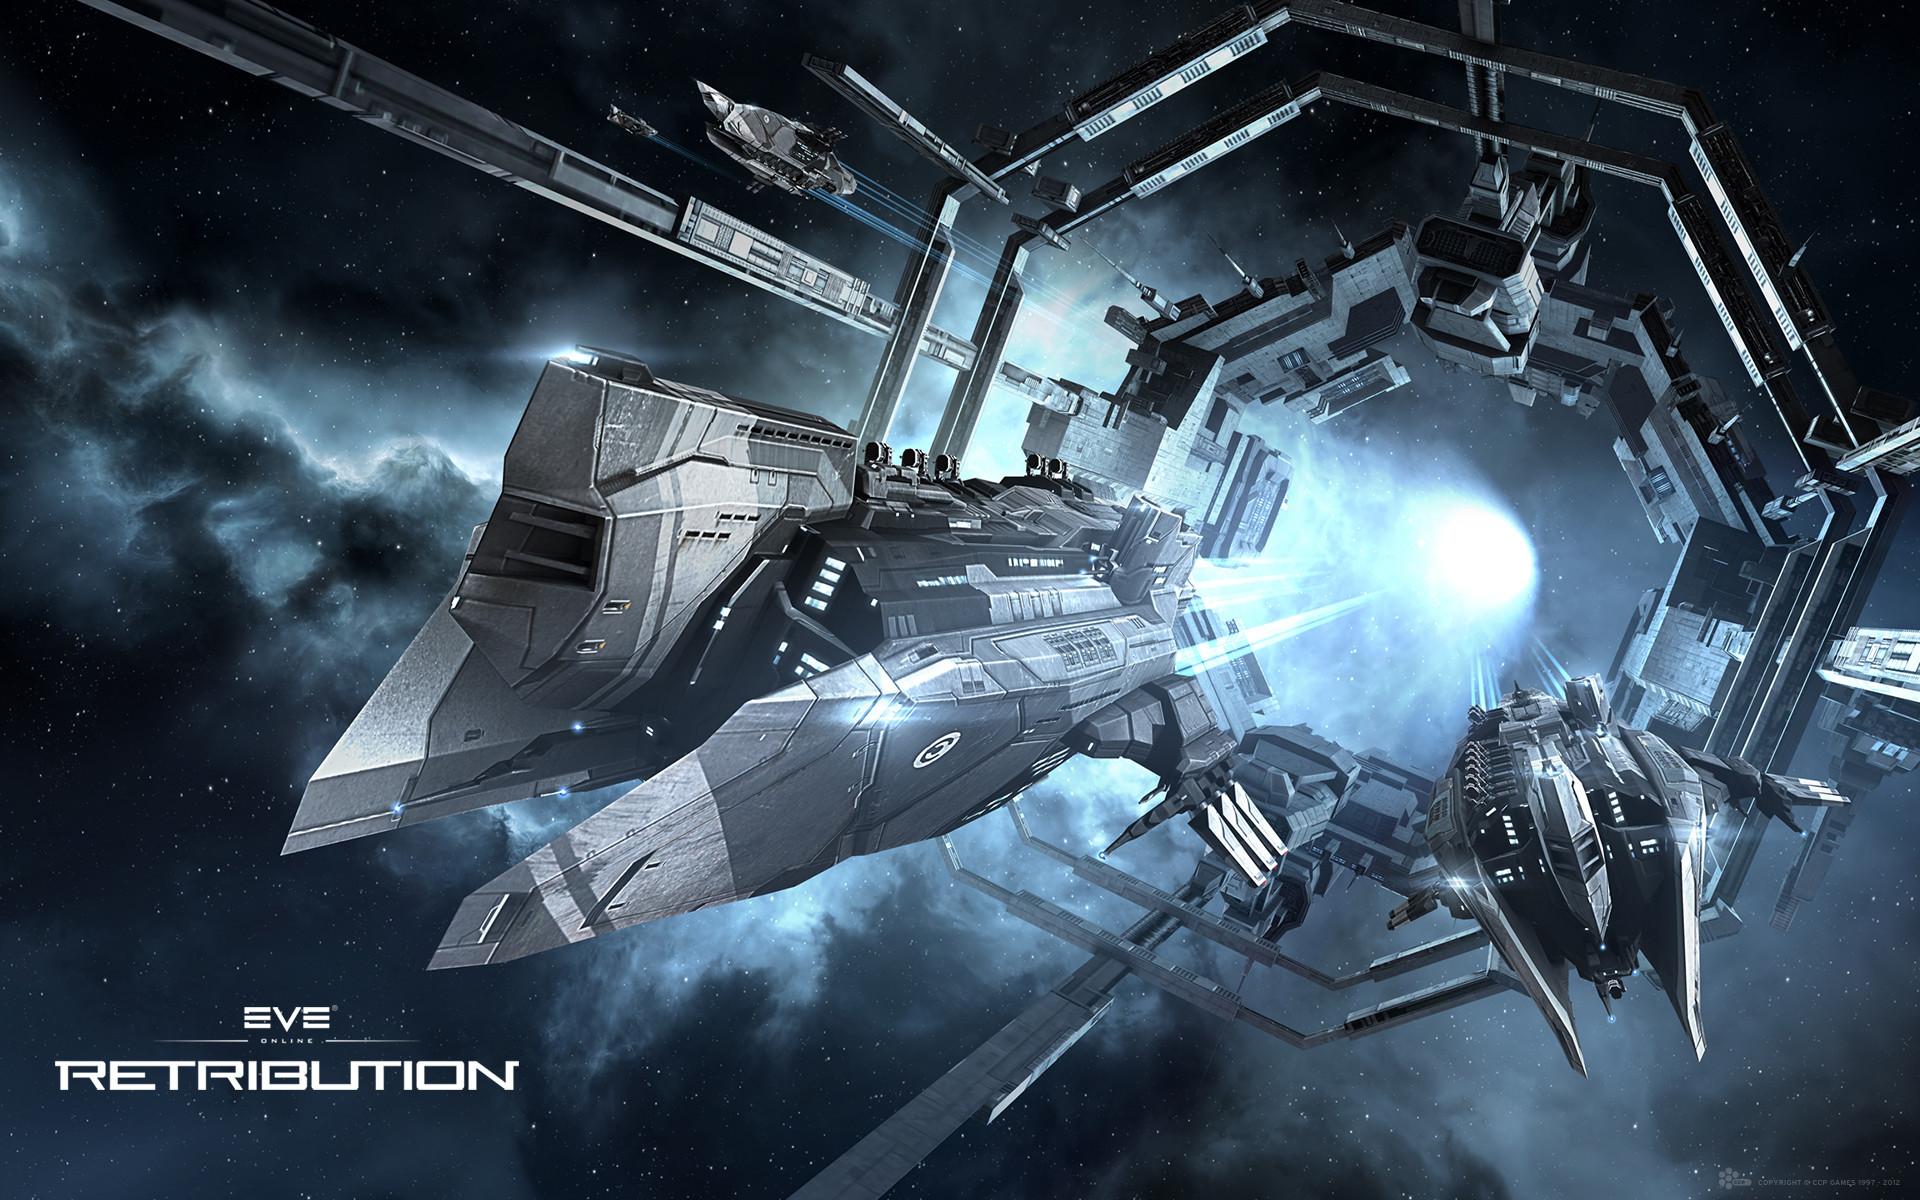 Eve Online Wallpaper